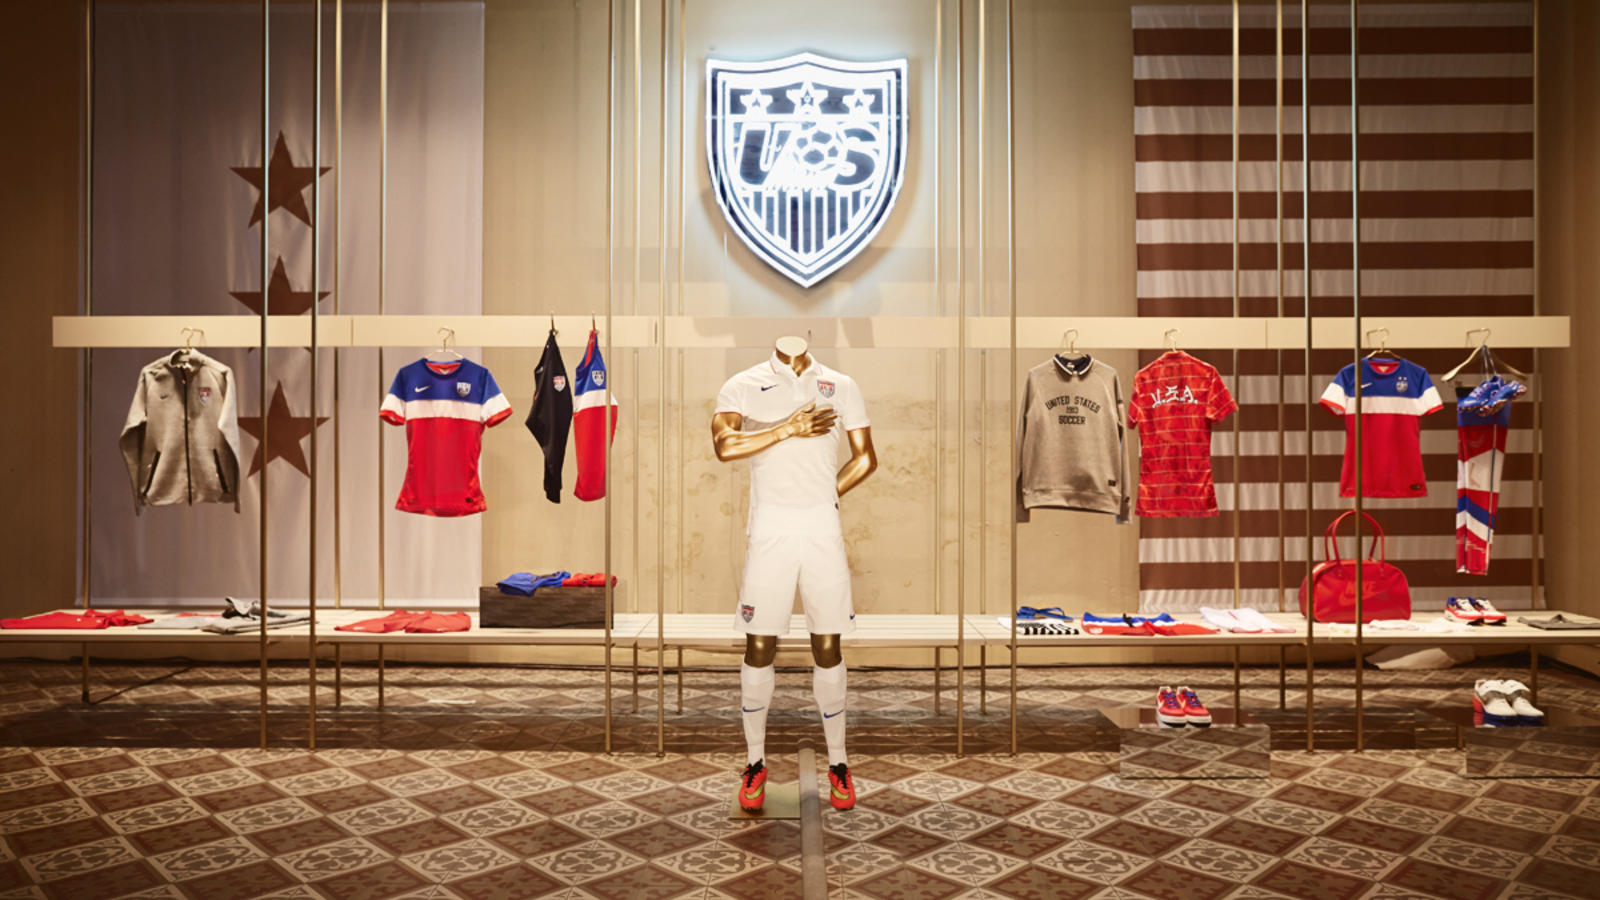 nikefootballinnnovation USA